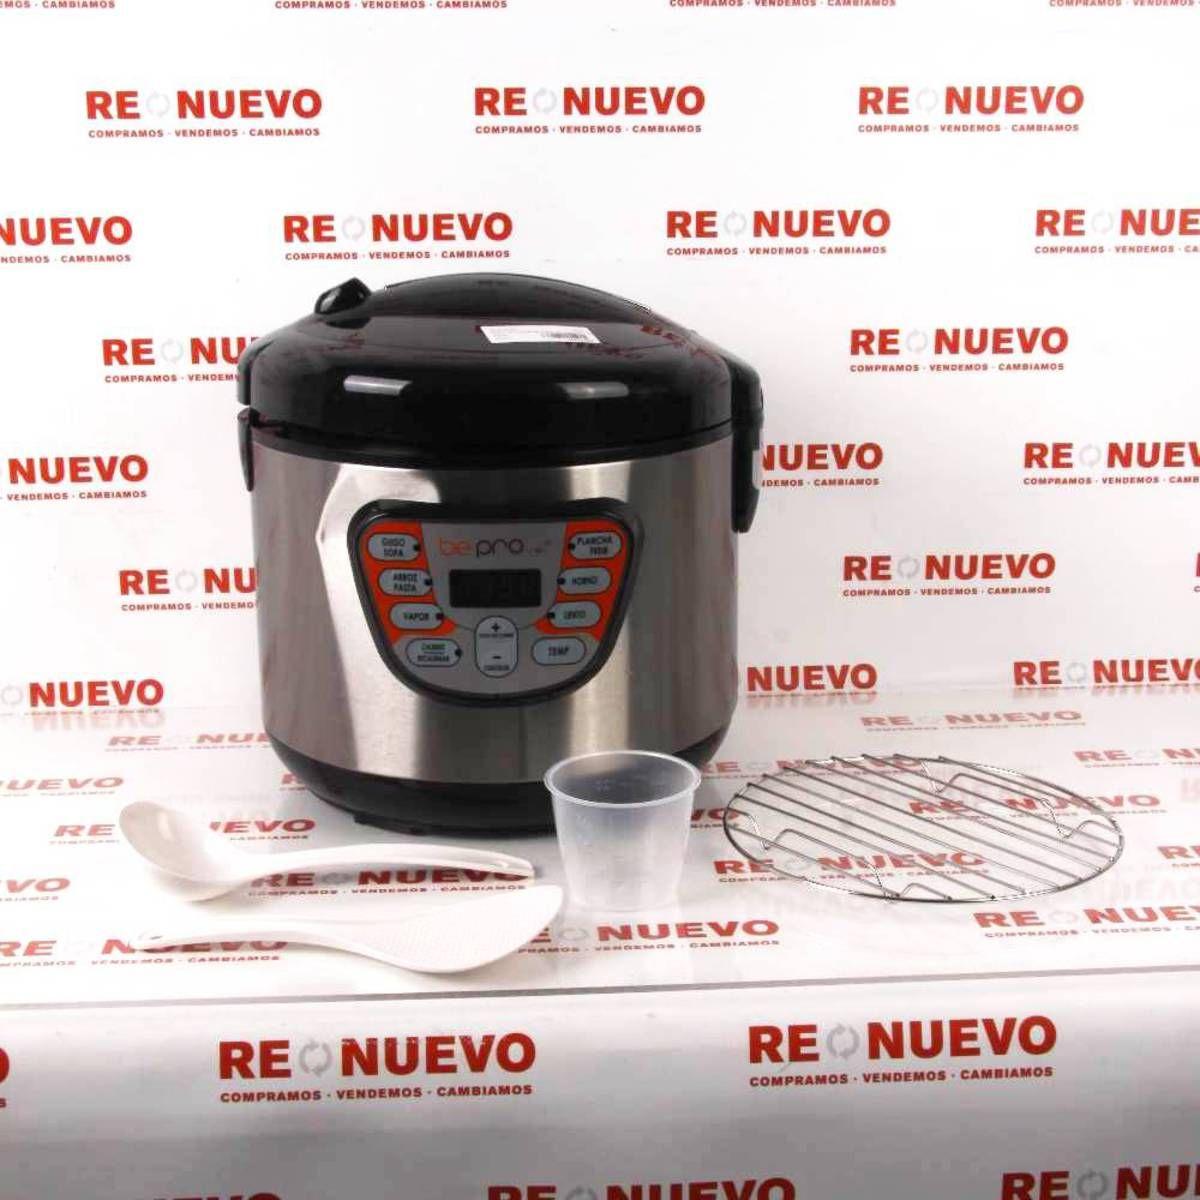 Robot de cocina be pro de segunda mano e272227 tienda - Robot de cocina lady master future ...